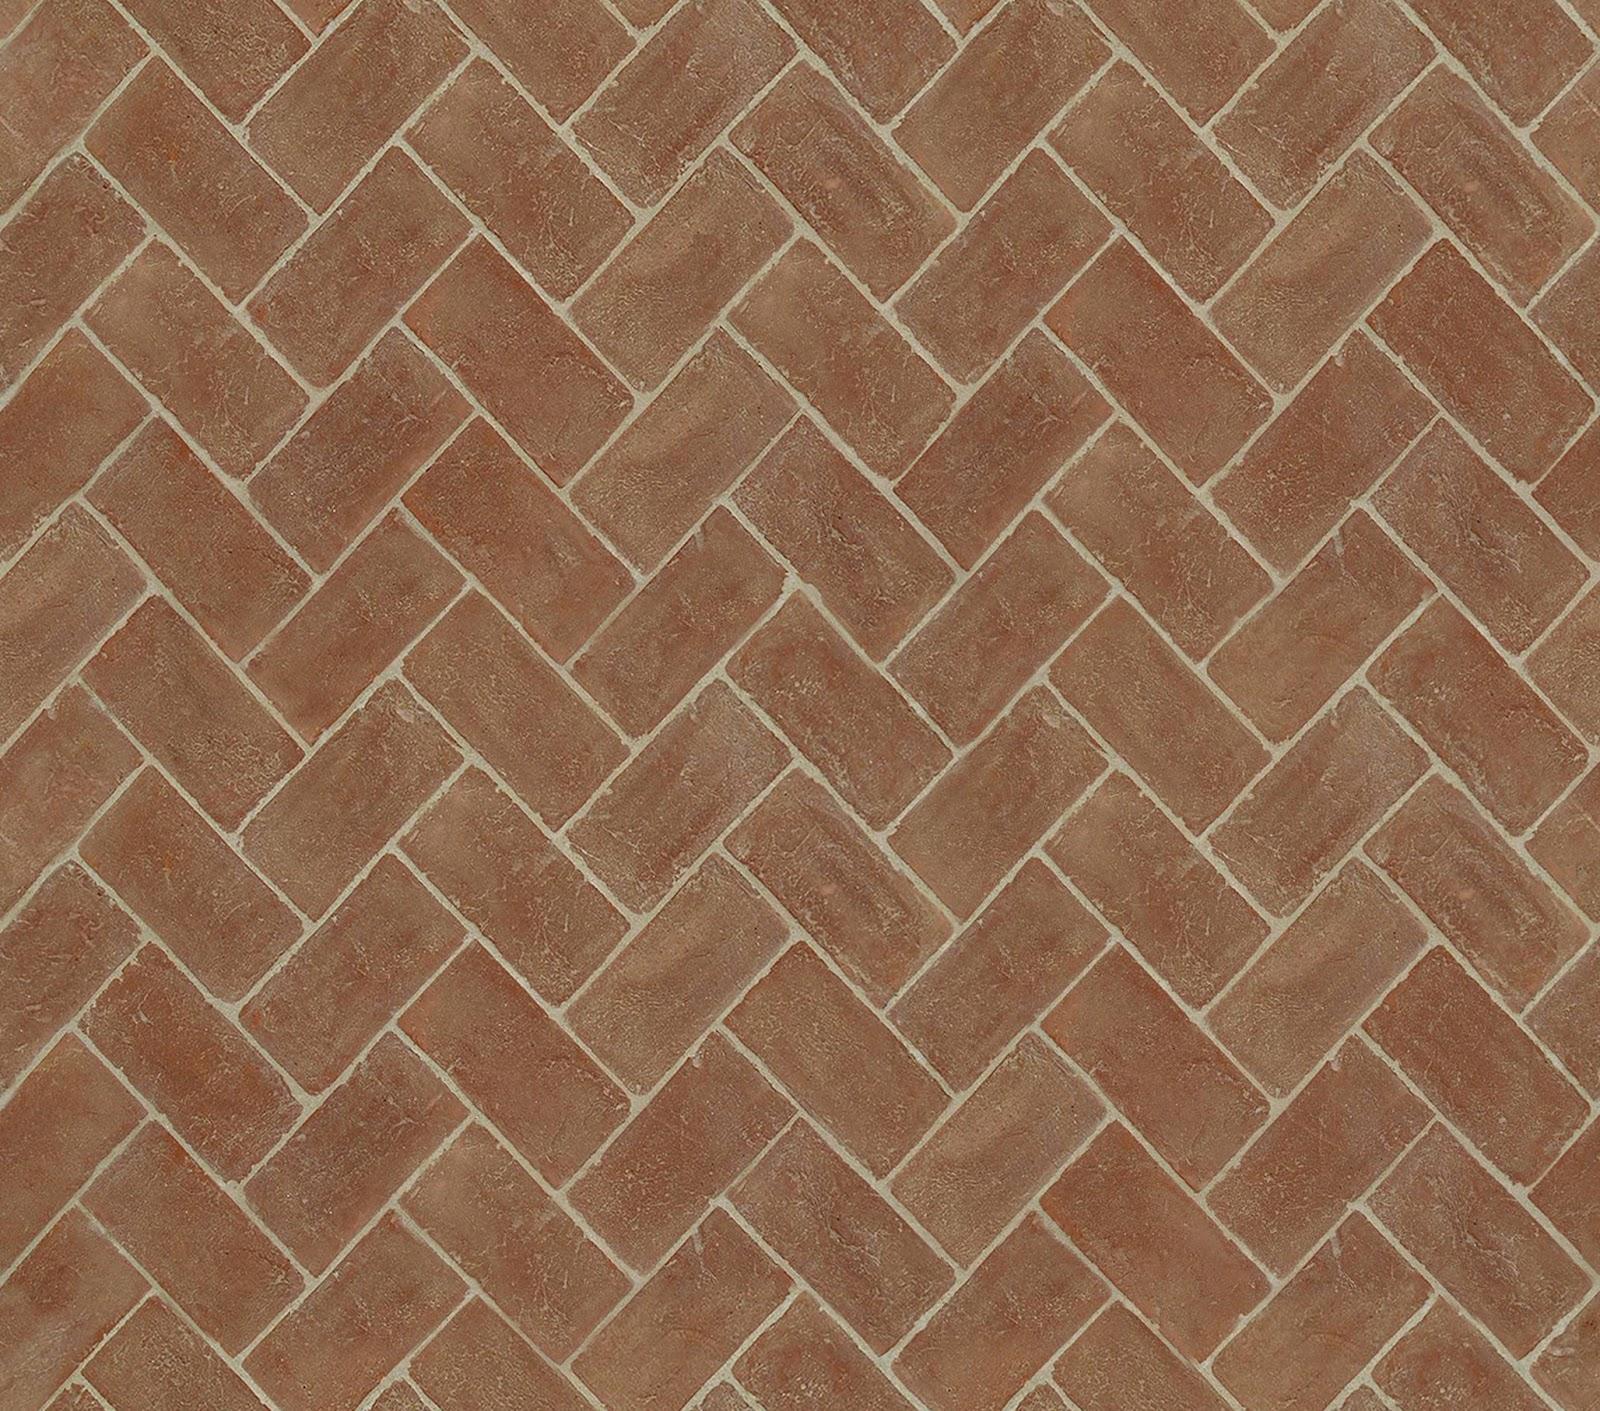 Simo texture seamless di pavimento in - Piastrelle da esterno leroy merlin ...